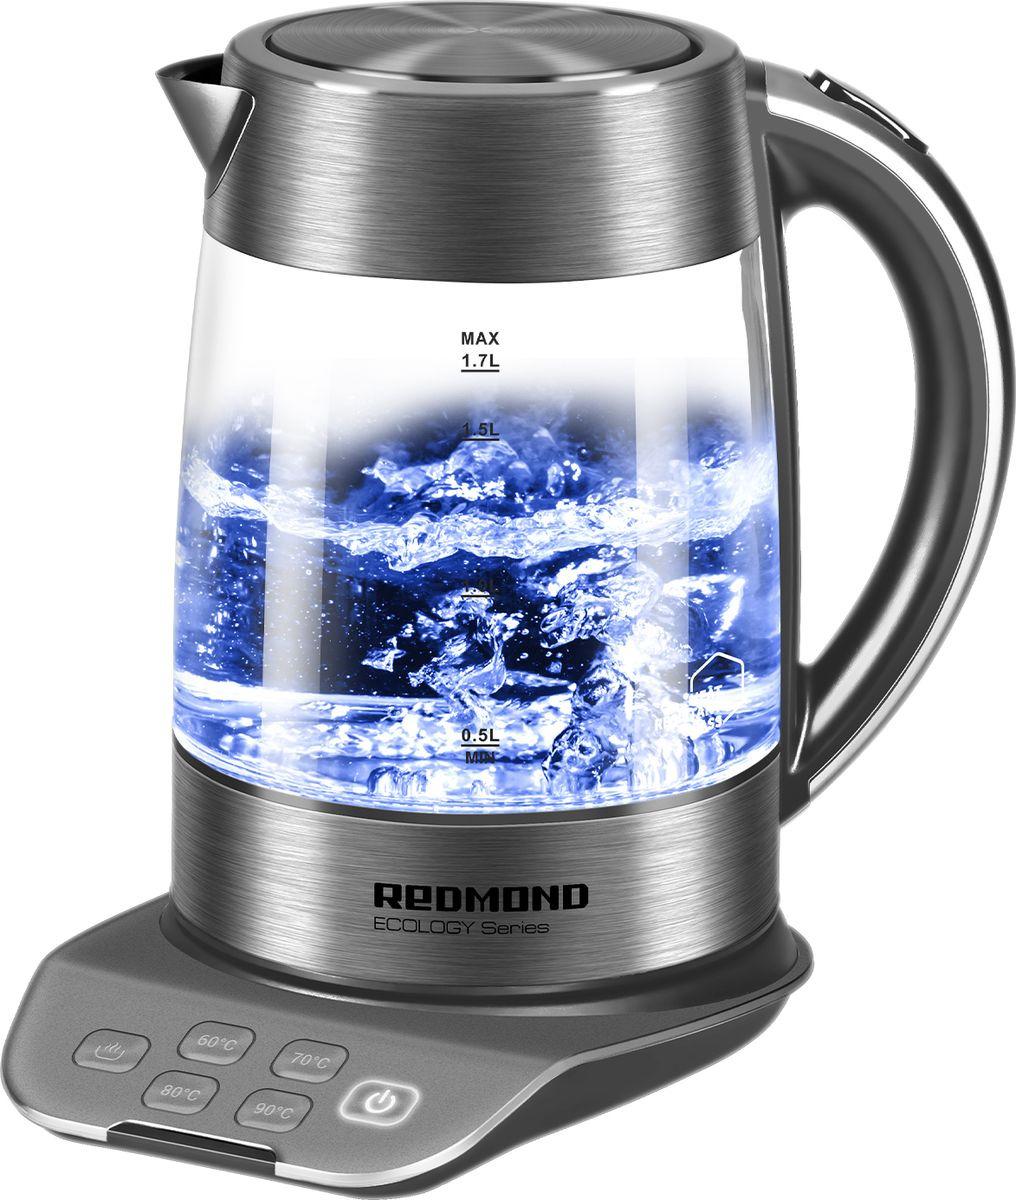 Электрический чайник Redmond RK-G1302D, серый, прозрачный